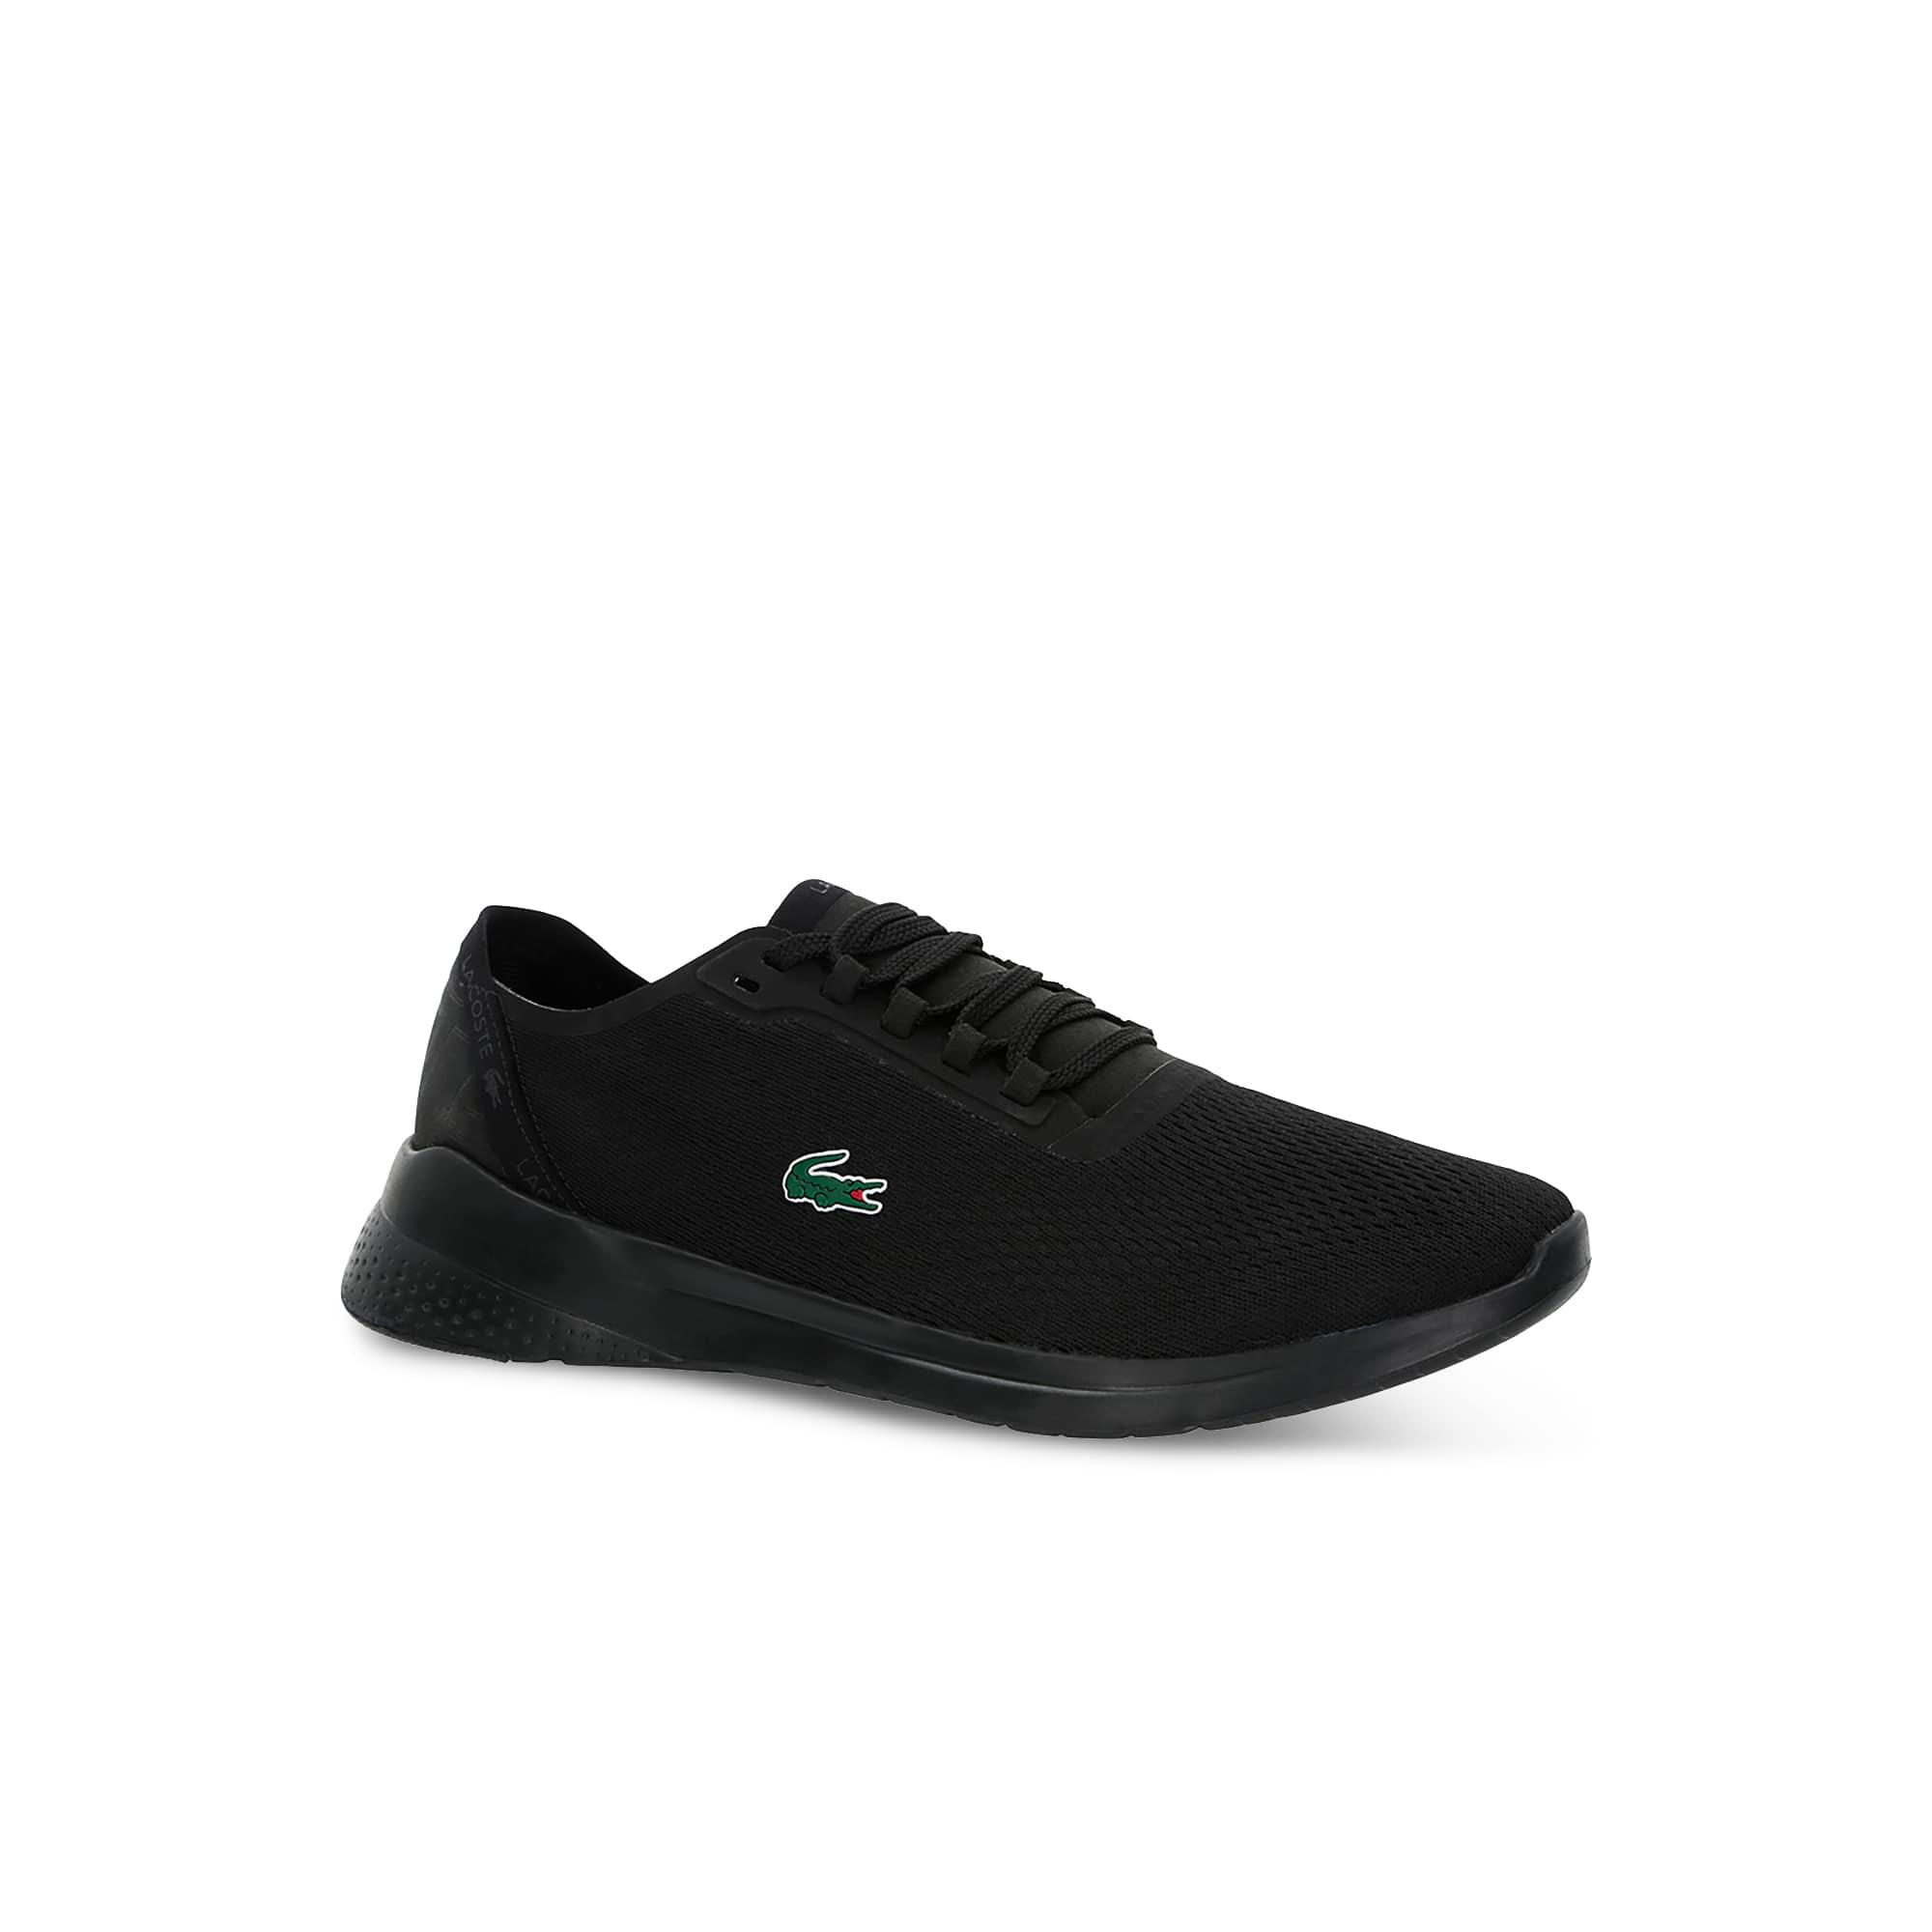 37efa716147 Sneakers LT Fit homme en textile avec crocodile ton sur ton